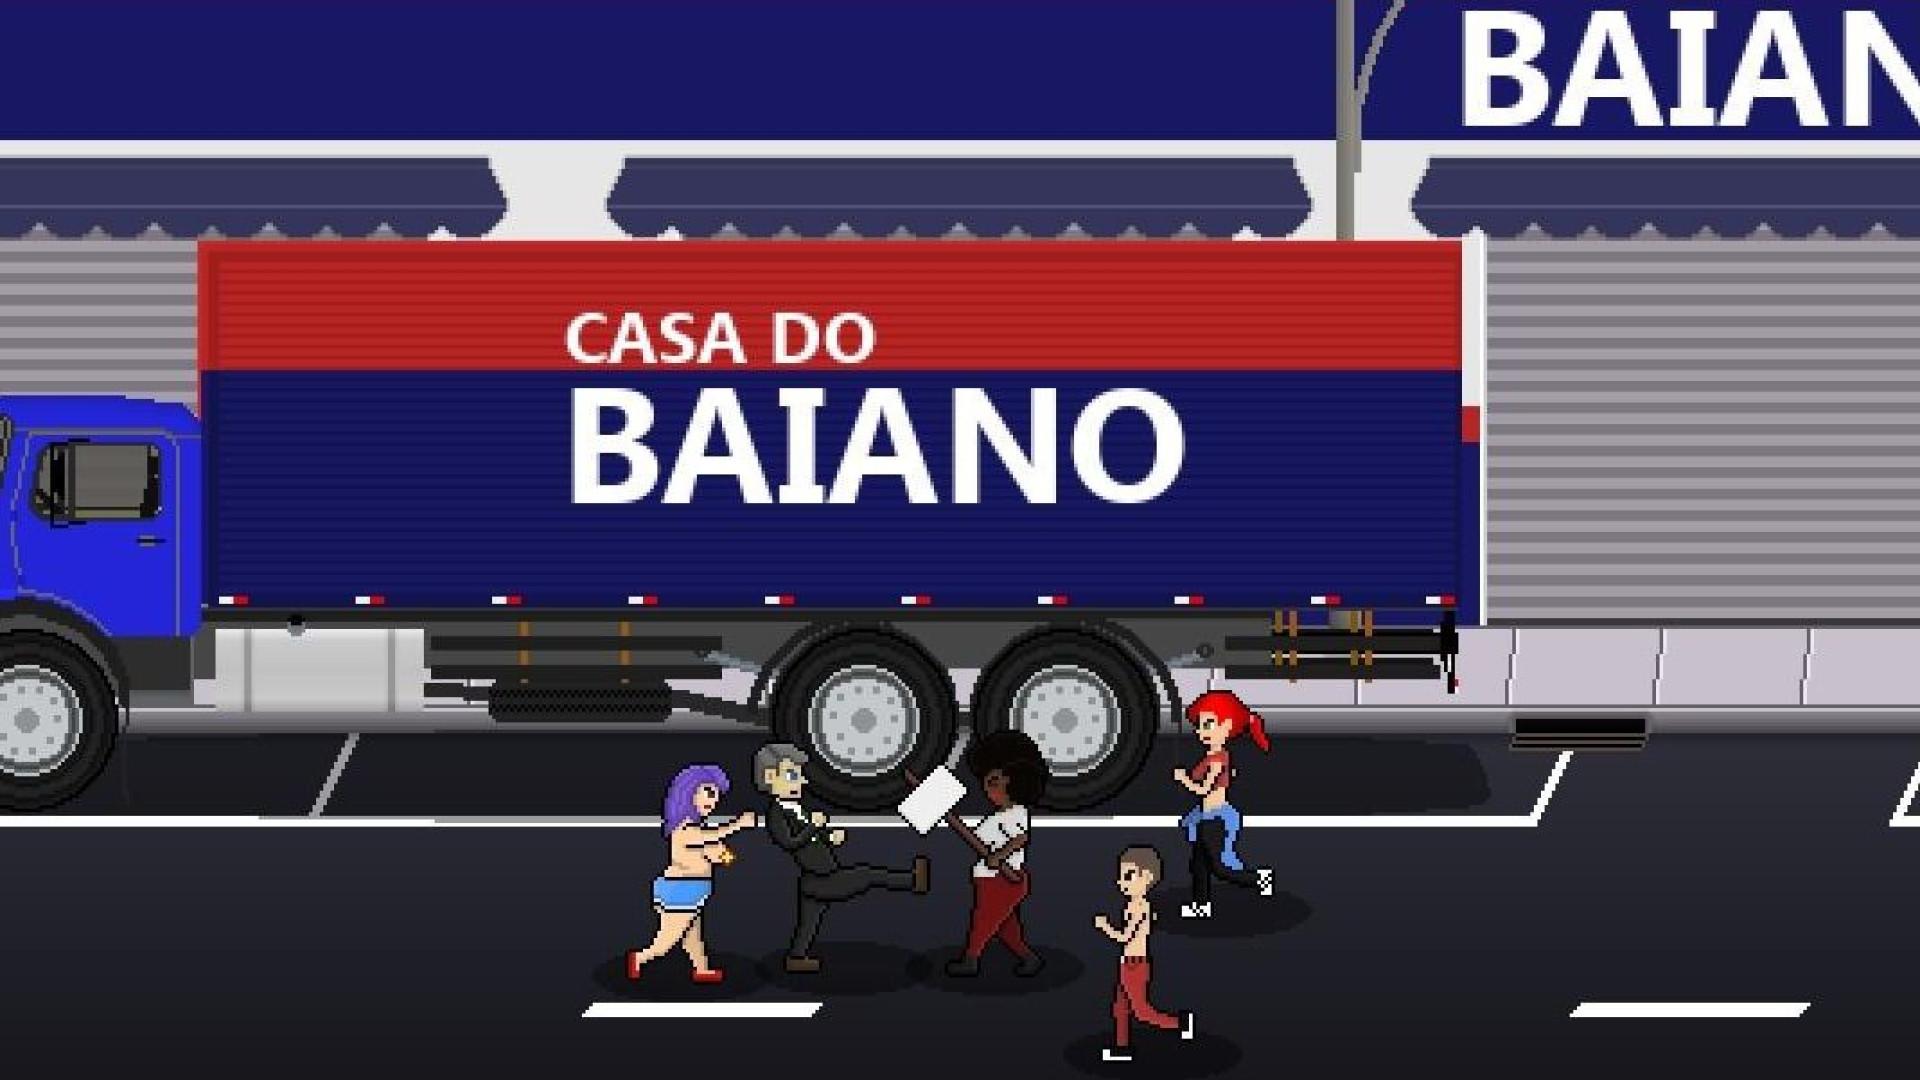 Bolsonaro é protagonista de jogo violento em que elimina minorias